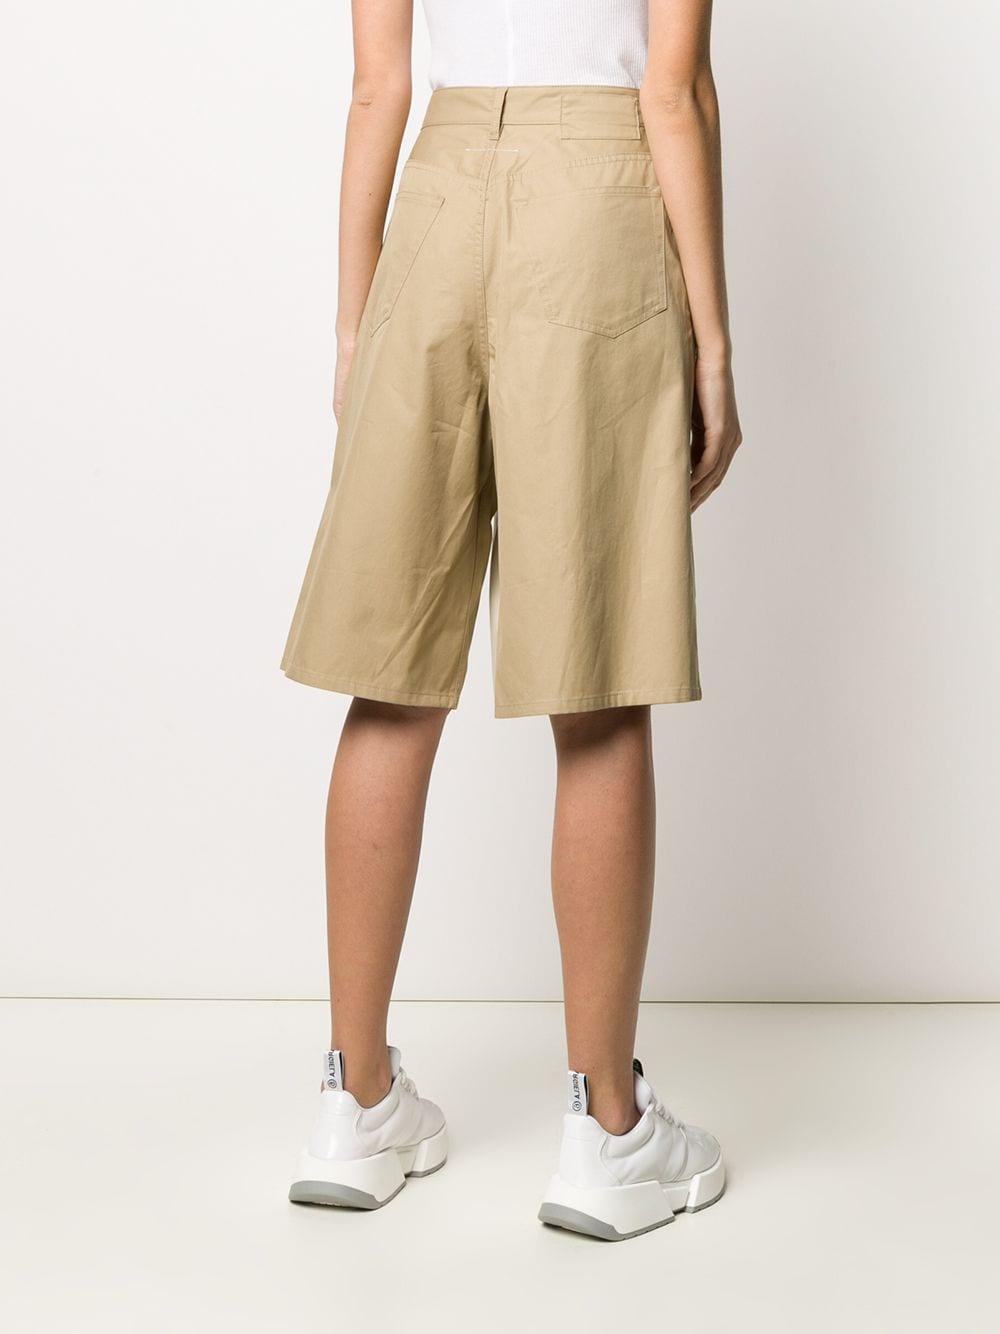 MM6 MAISON MARGIELA Shorts MM6 MAISON MARGIELA | Shorts | S32MU0155S52532961